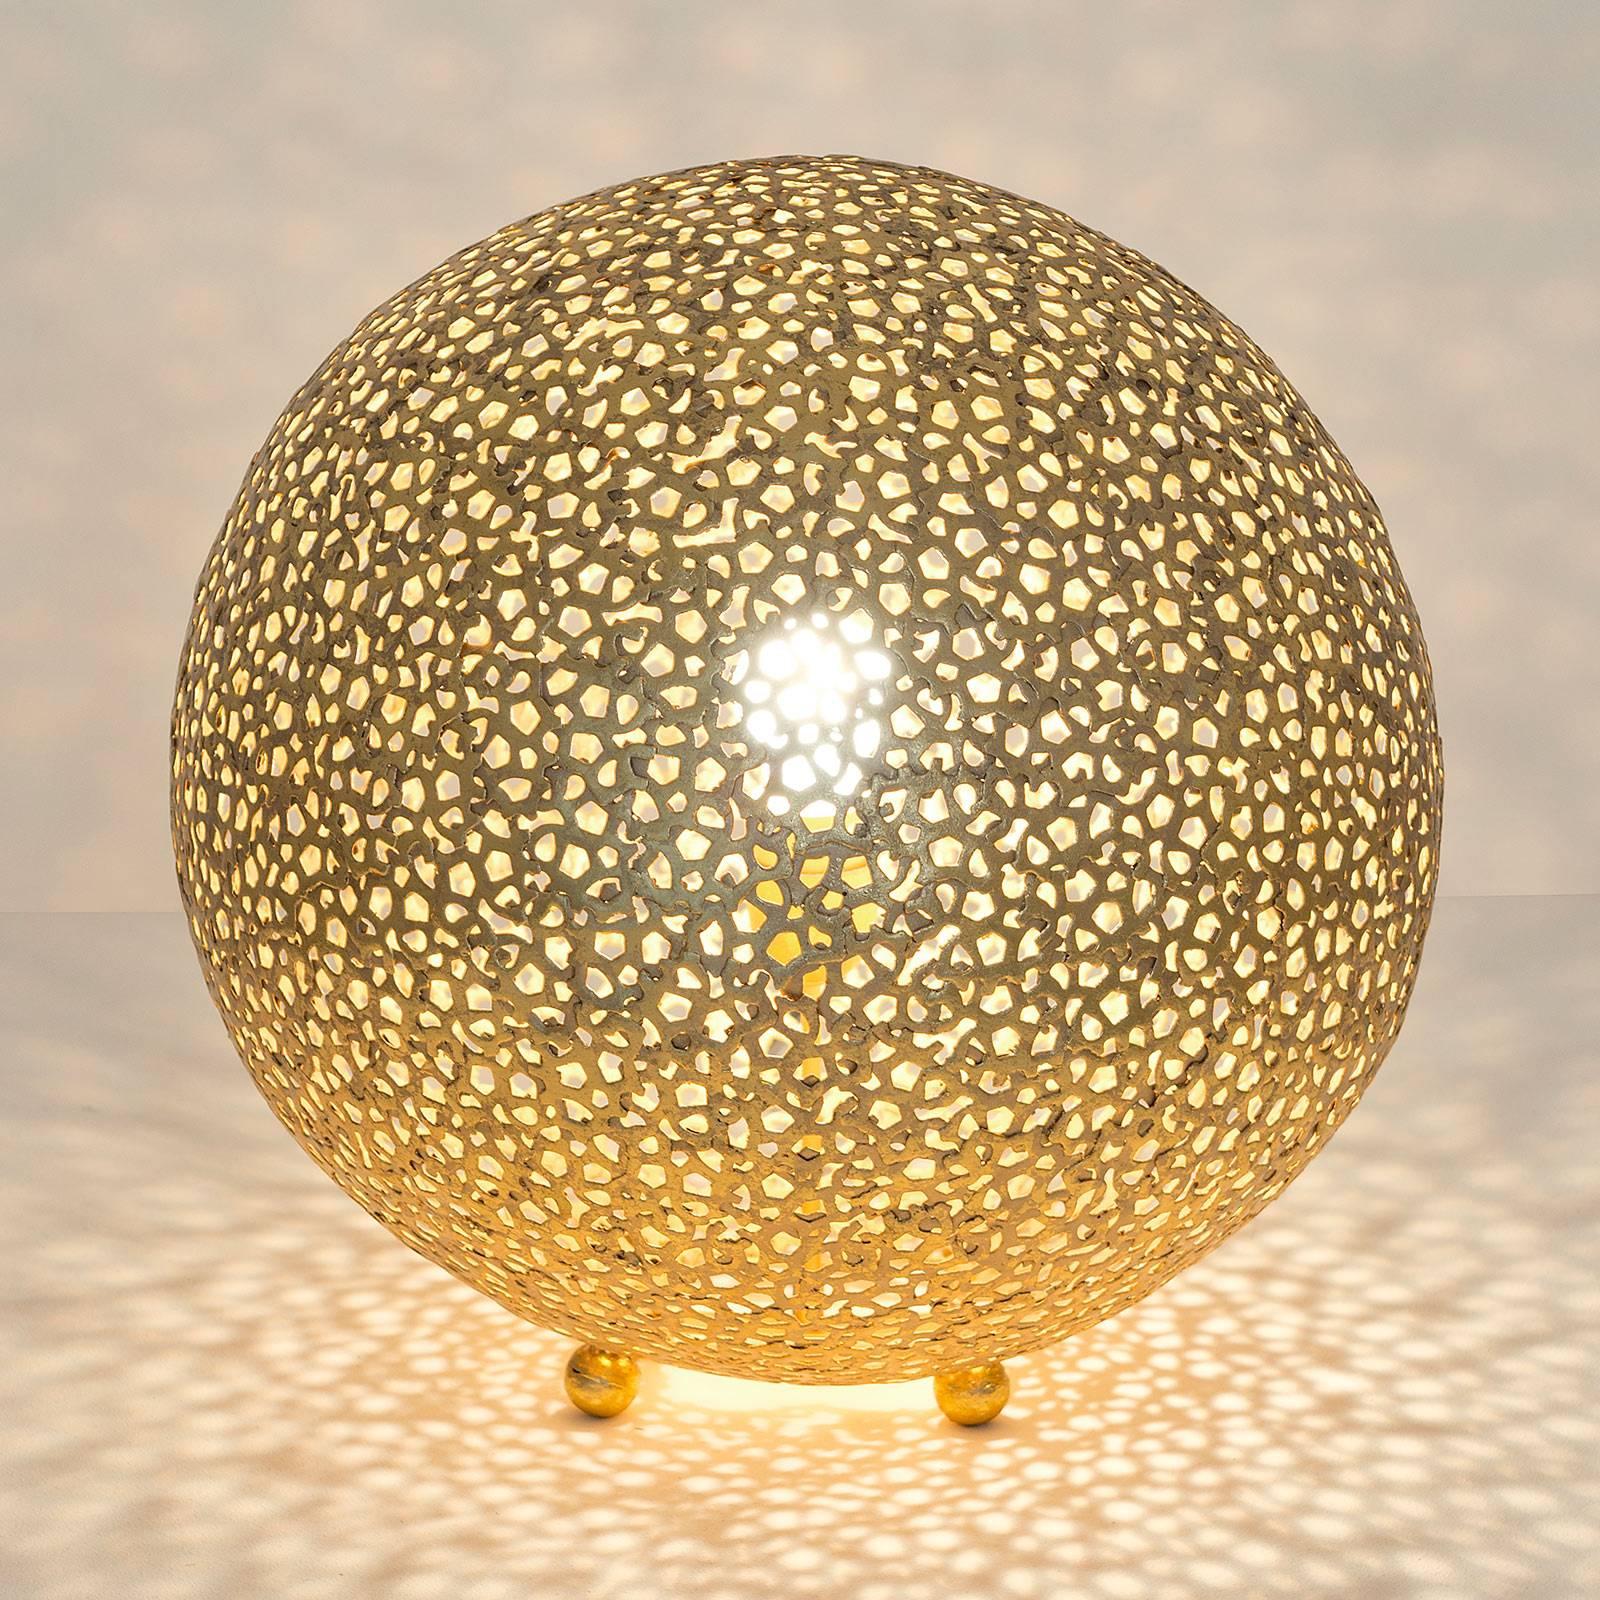 Tischleuchte Lily Grande, Ø 43 cm, gold günstig online kaufen